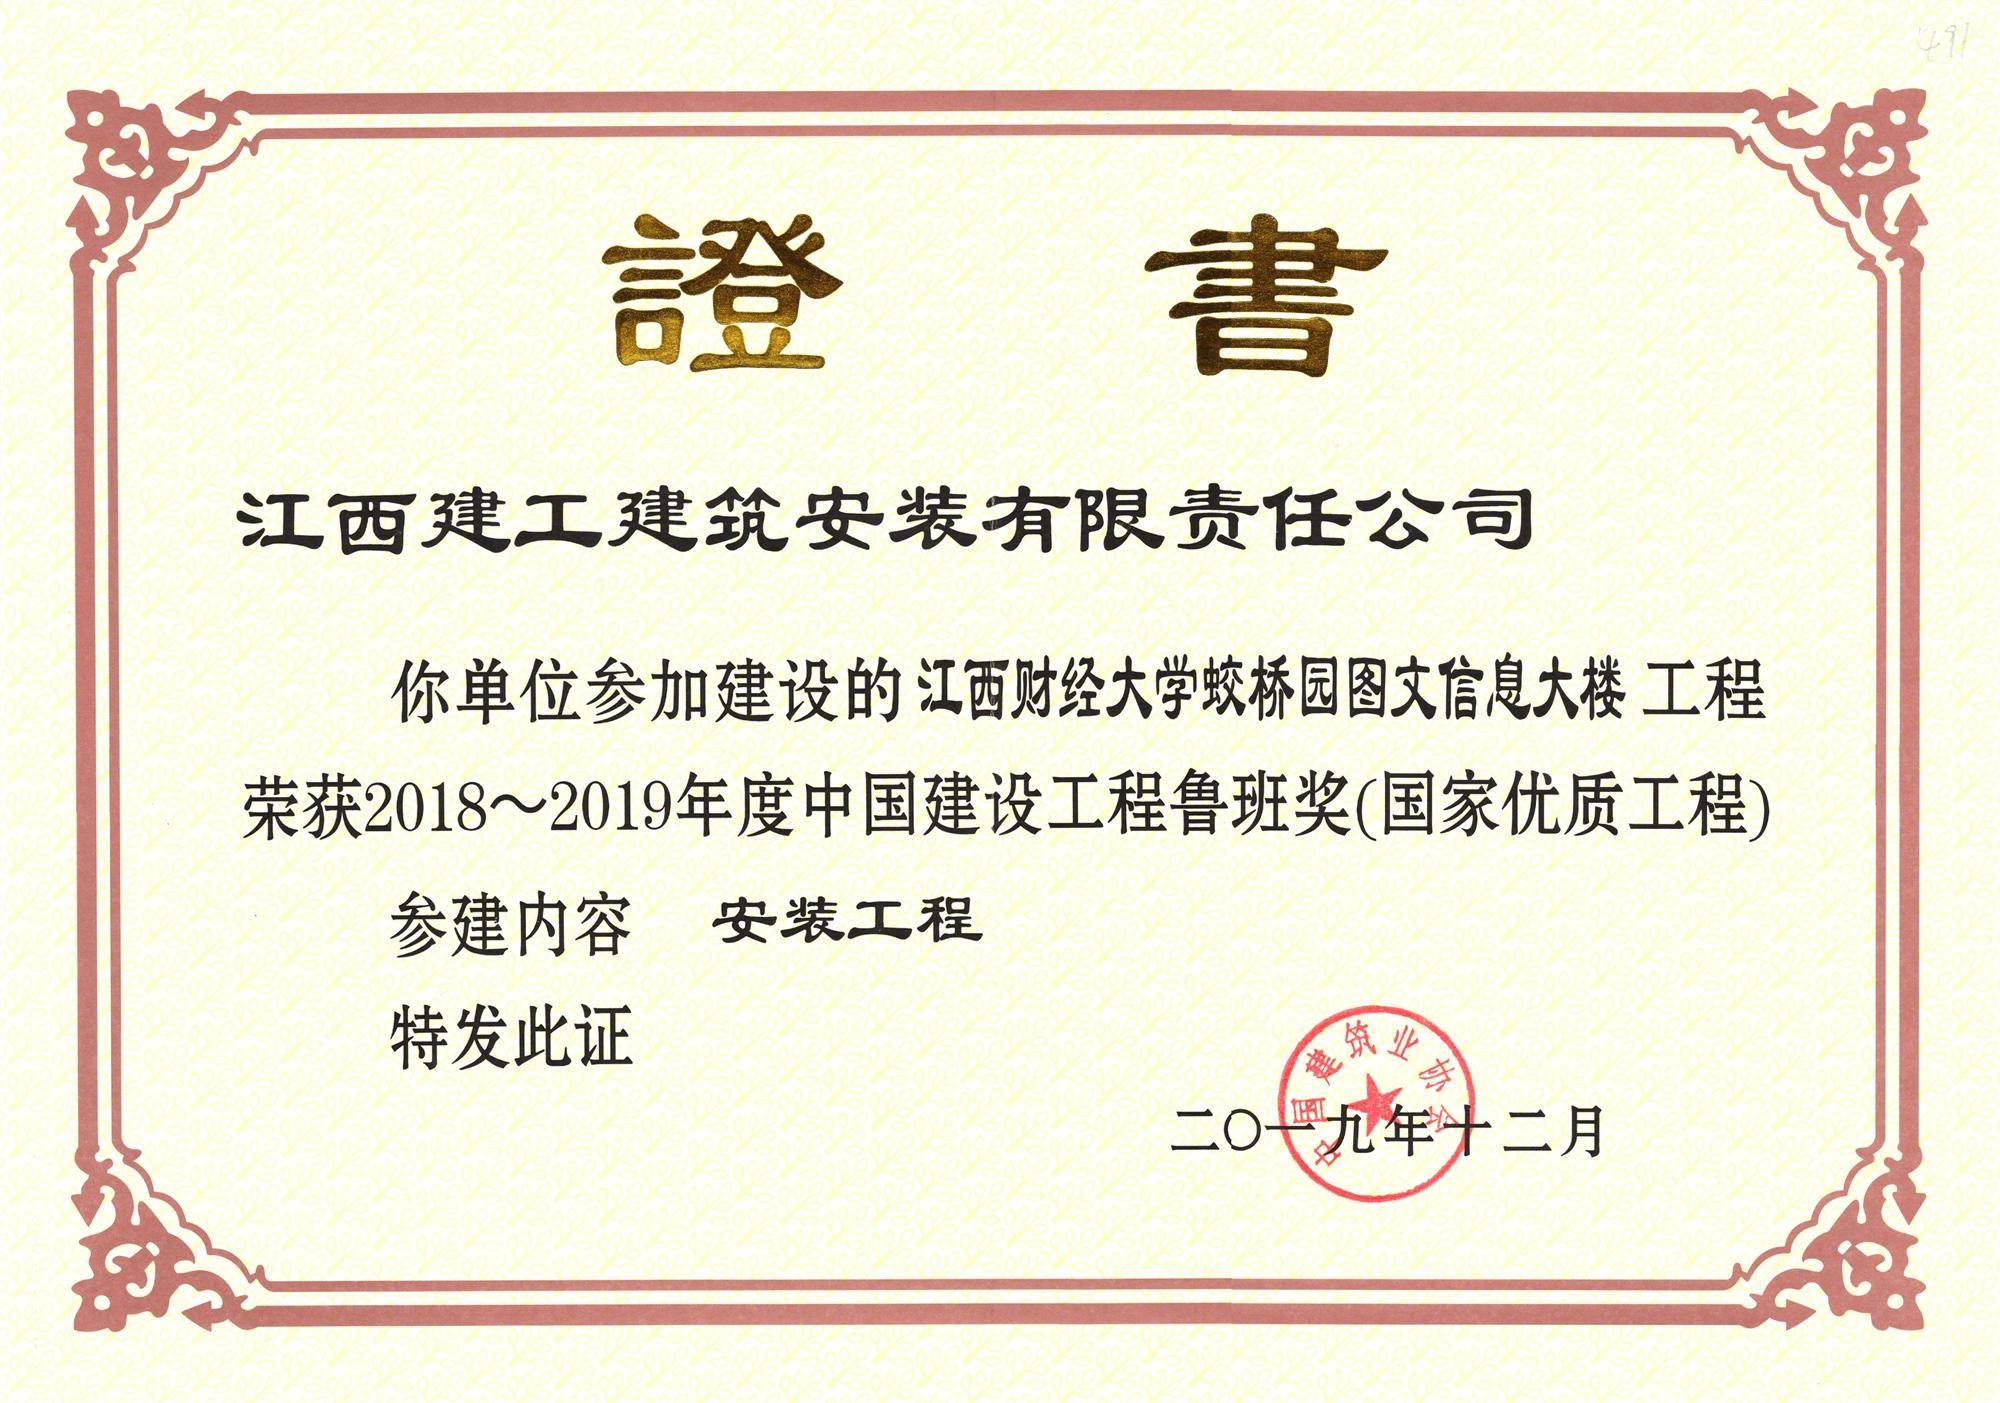 鲁班奖2019证书